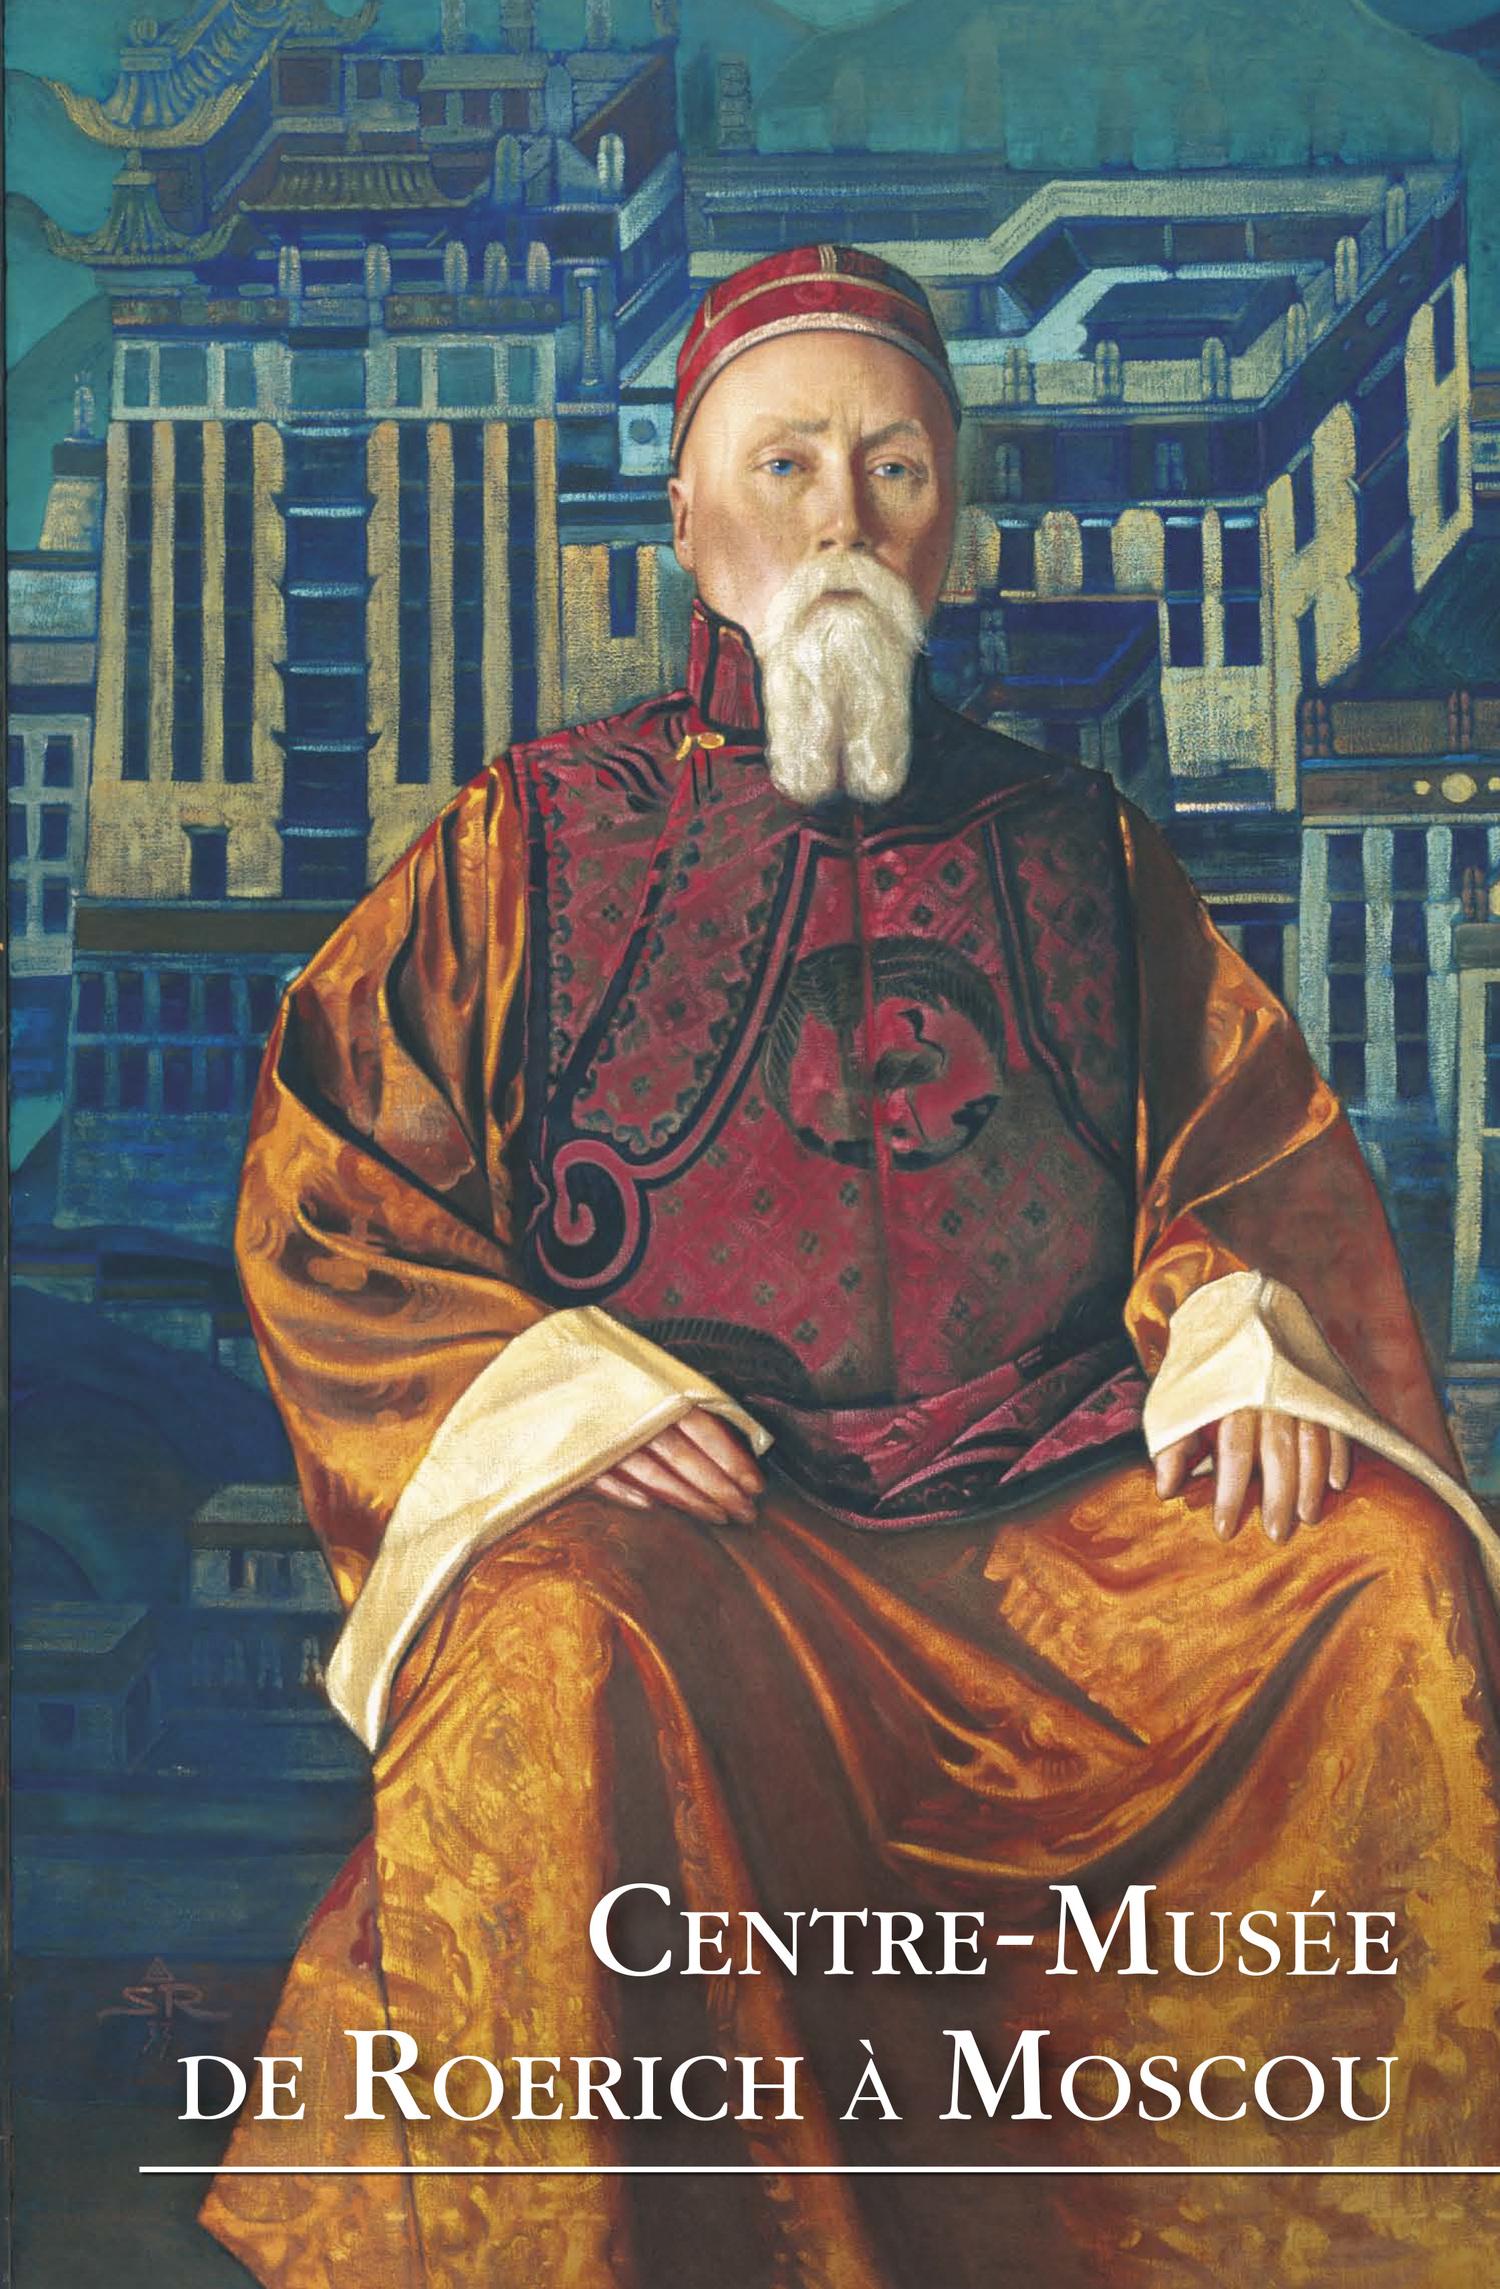 Centre-Mus?e de Roerich ? Moscou